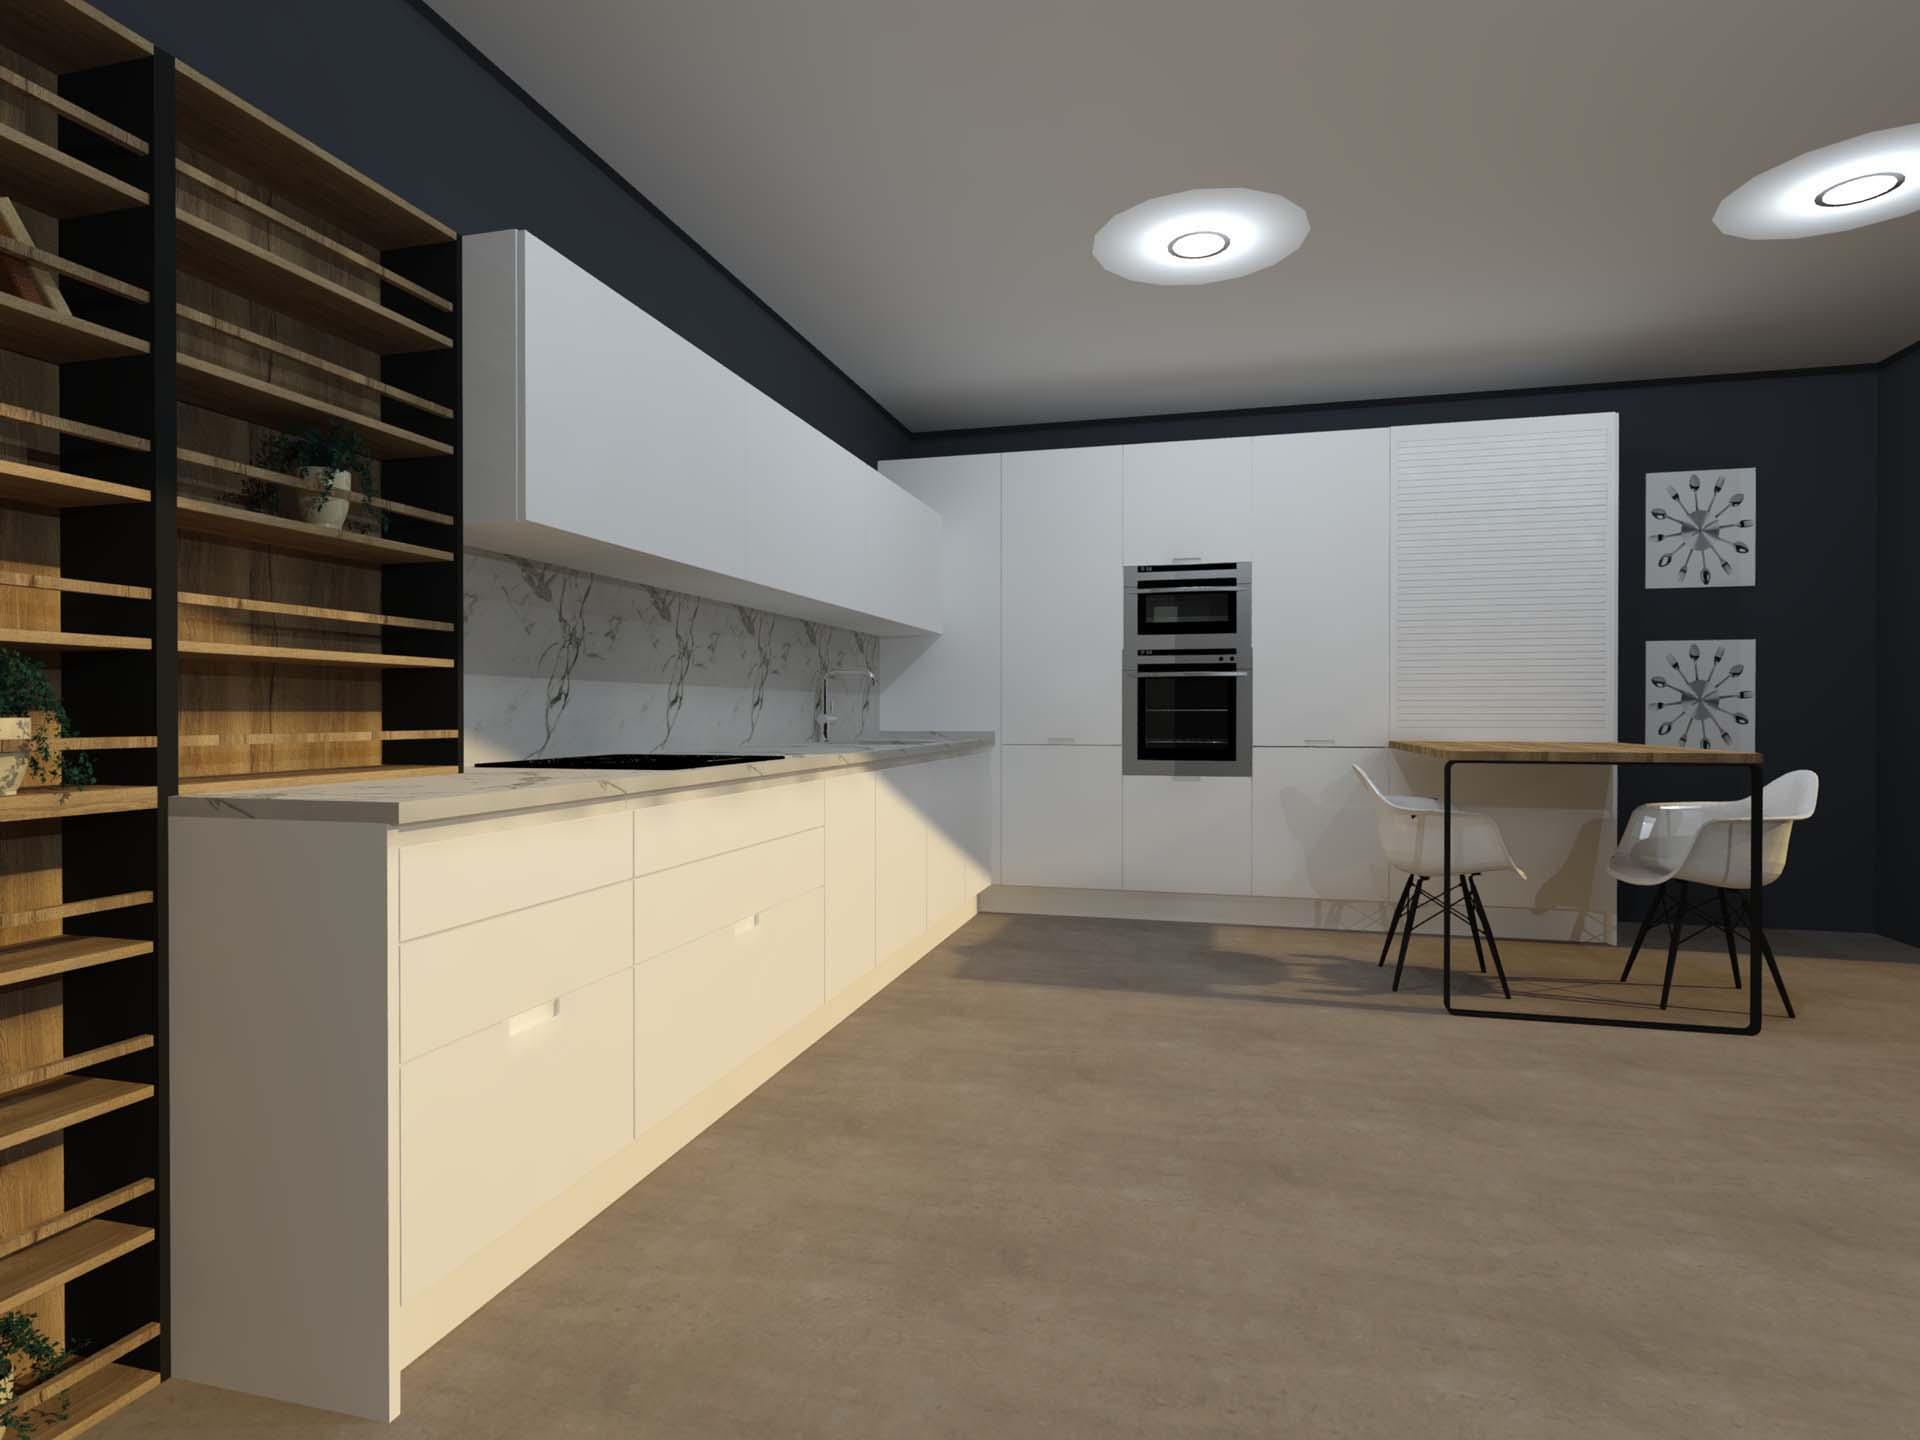 cocina lacada blanco mate con madera